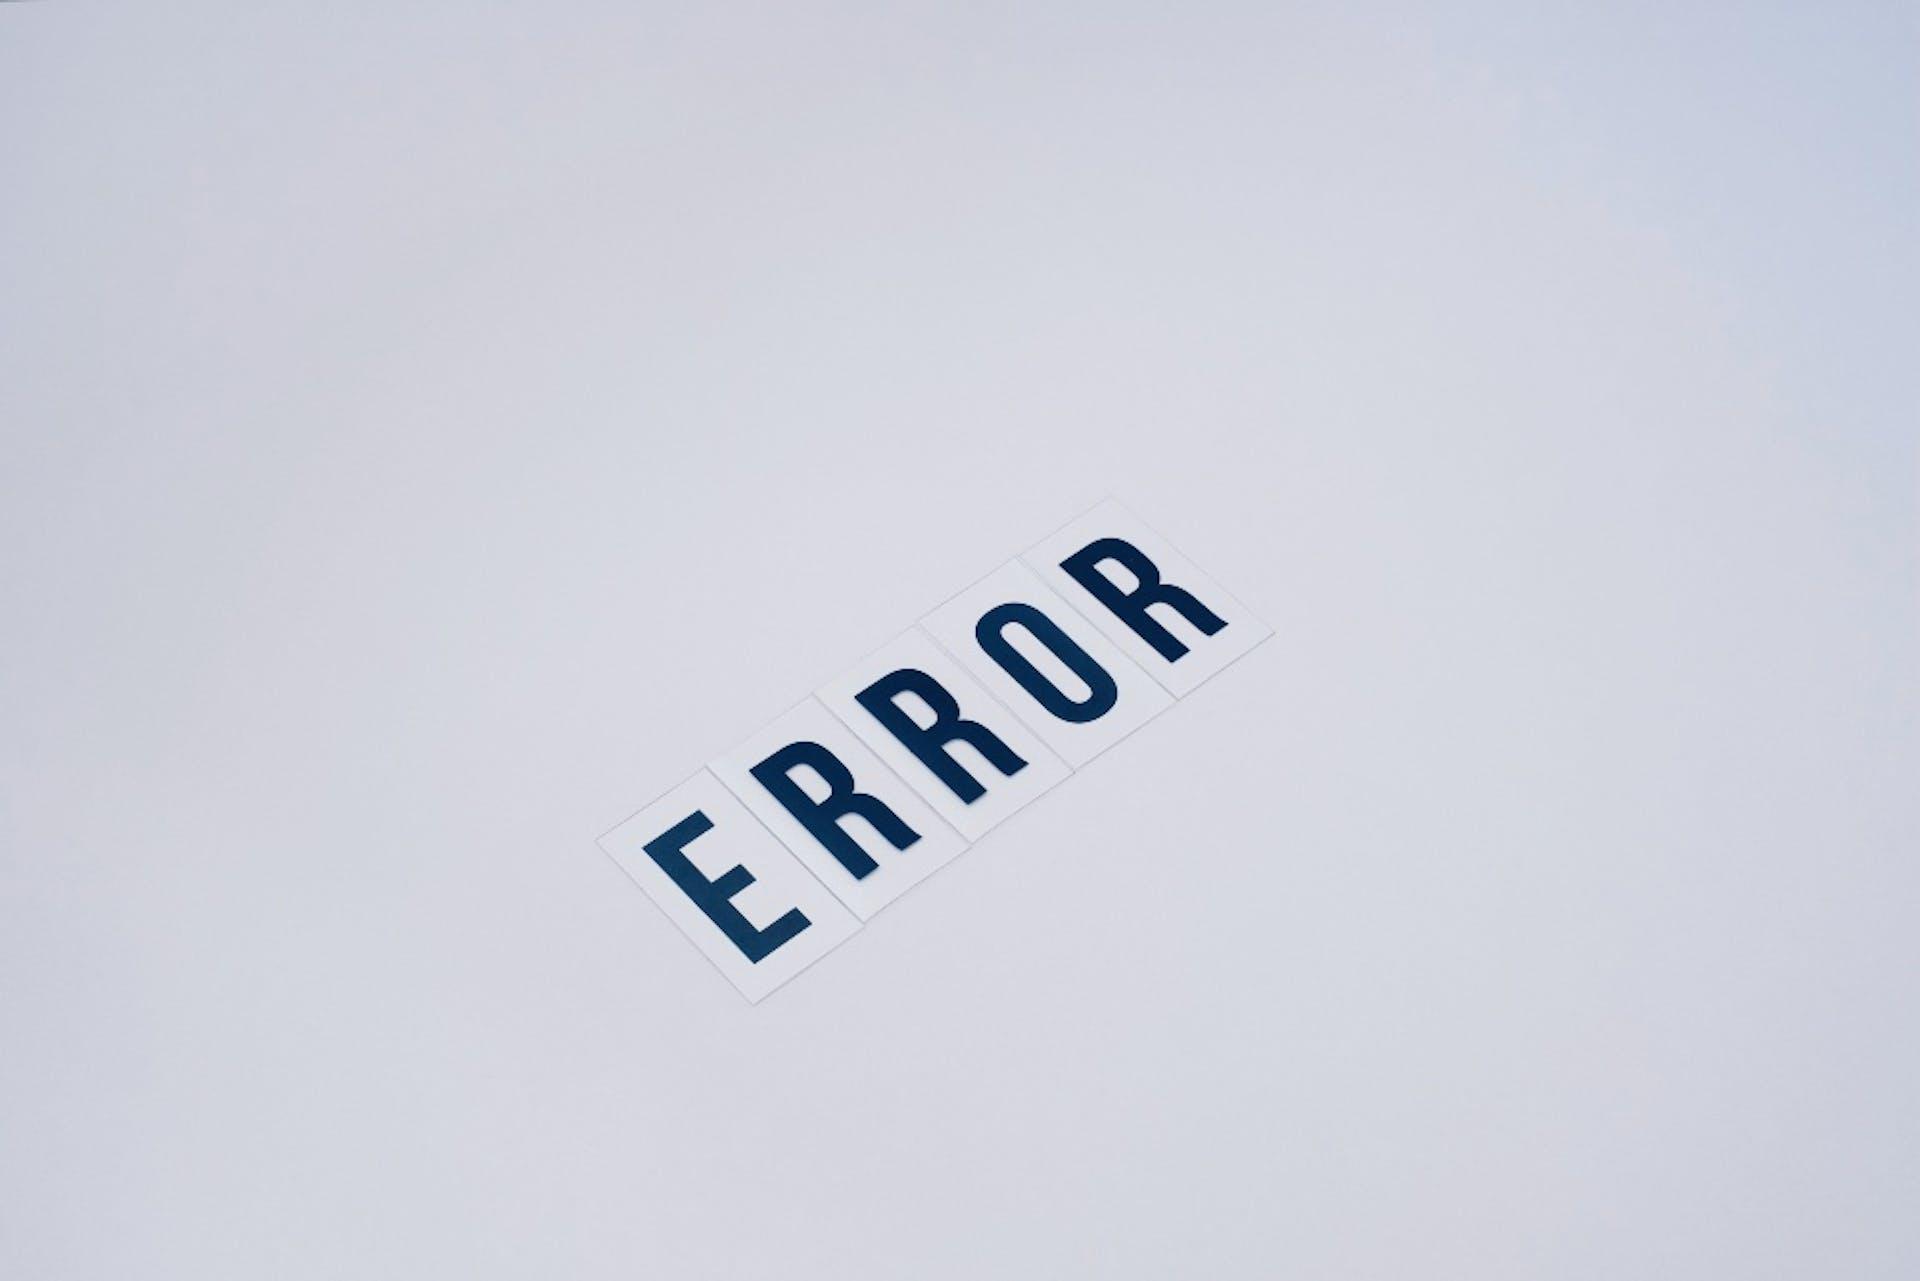 Conoce qué significa error 404 y soluciónalo como un héroe